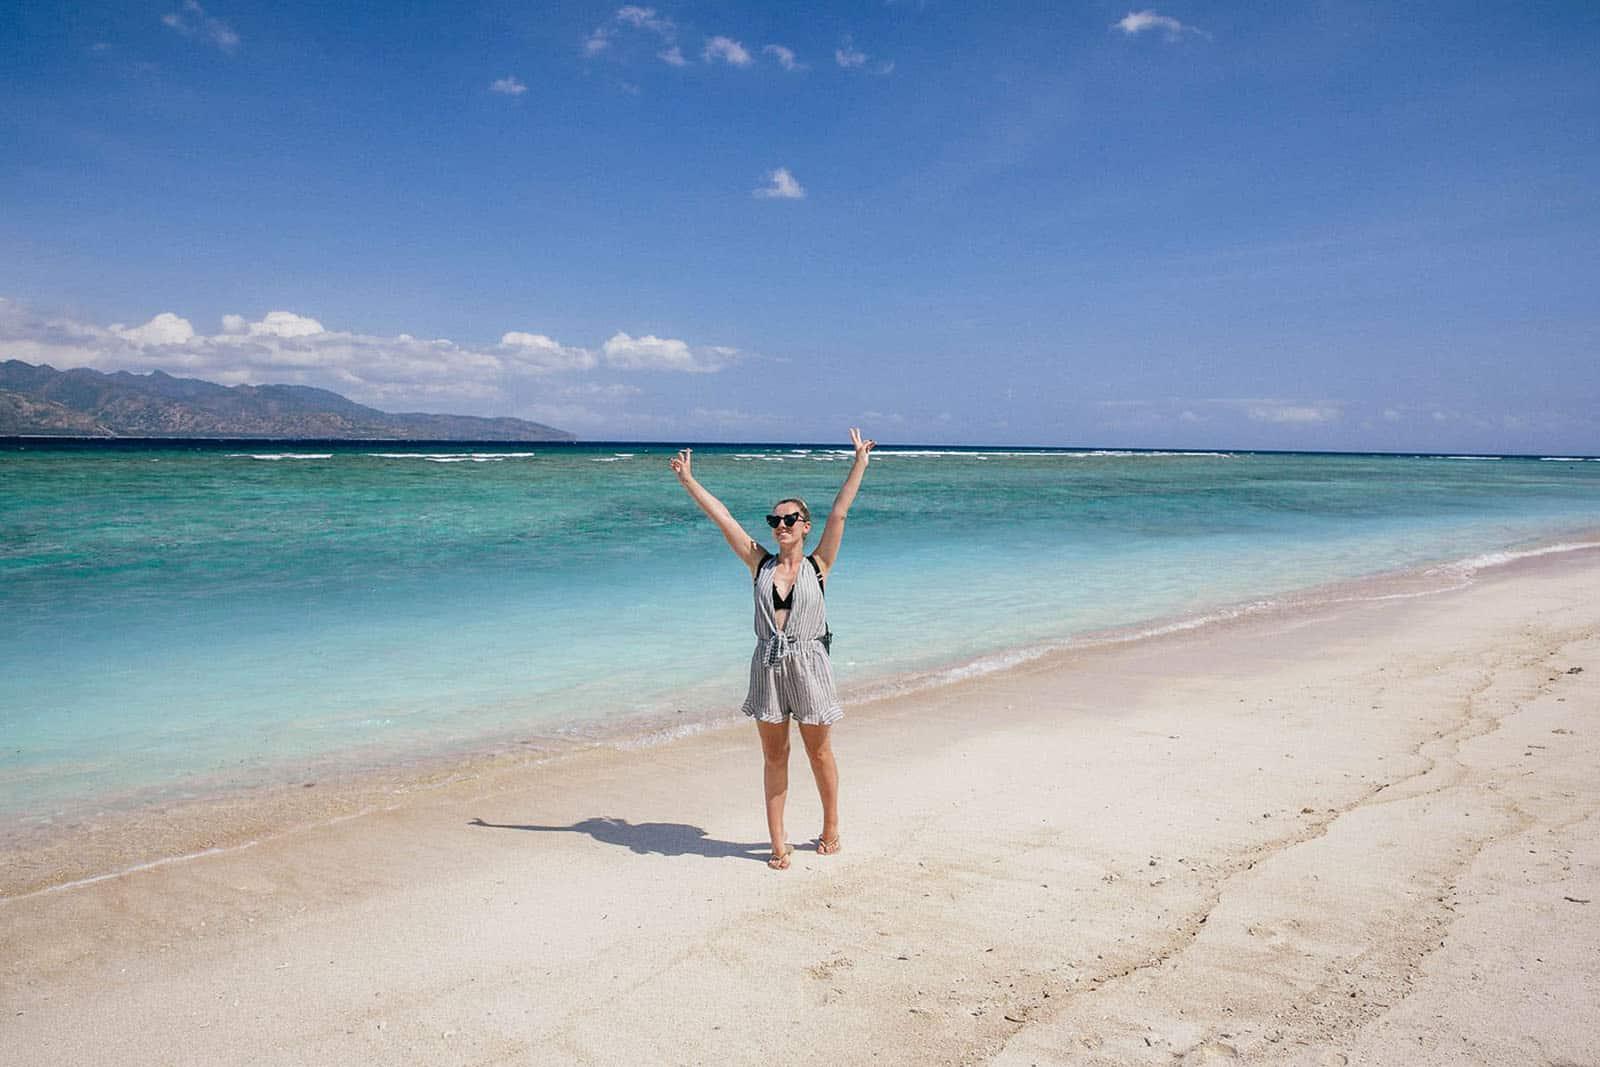 bibi 1 - Voyage à Bali : Itinéraire, activités et hôtels